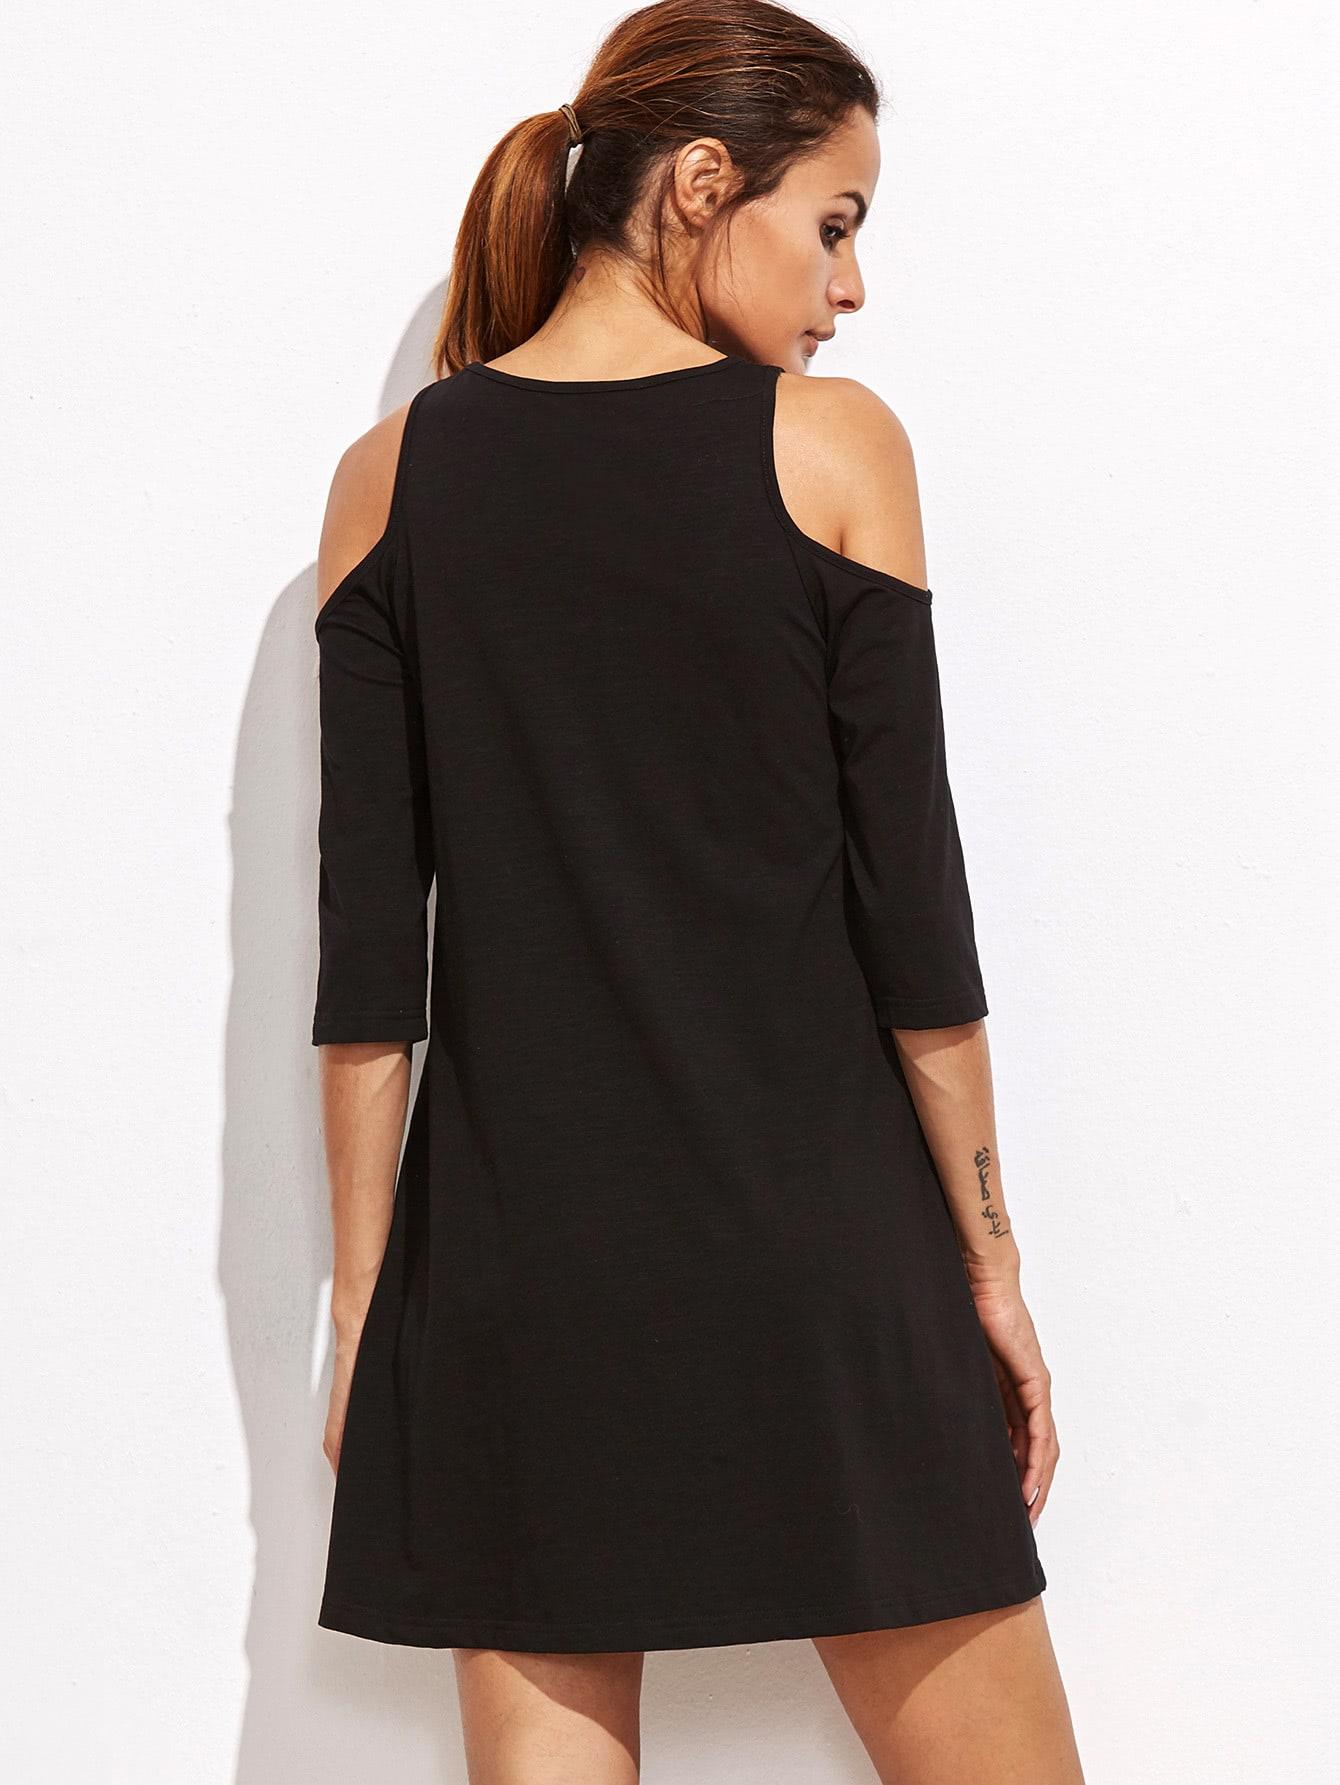 dress161019719_2